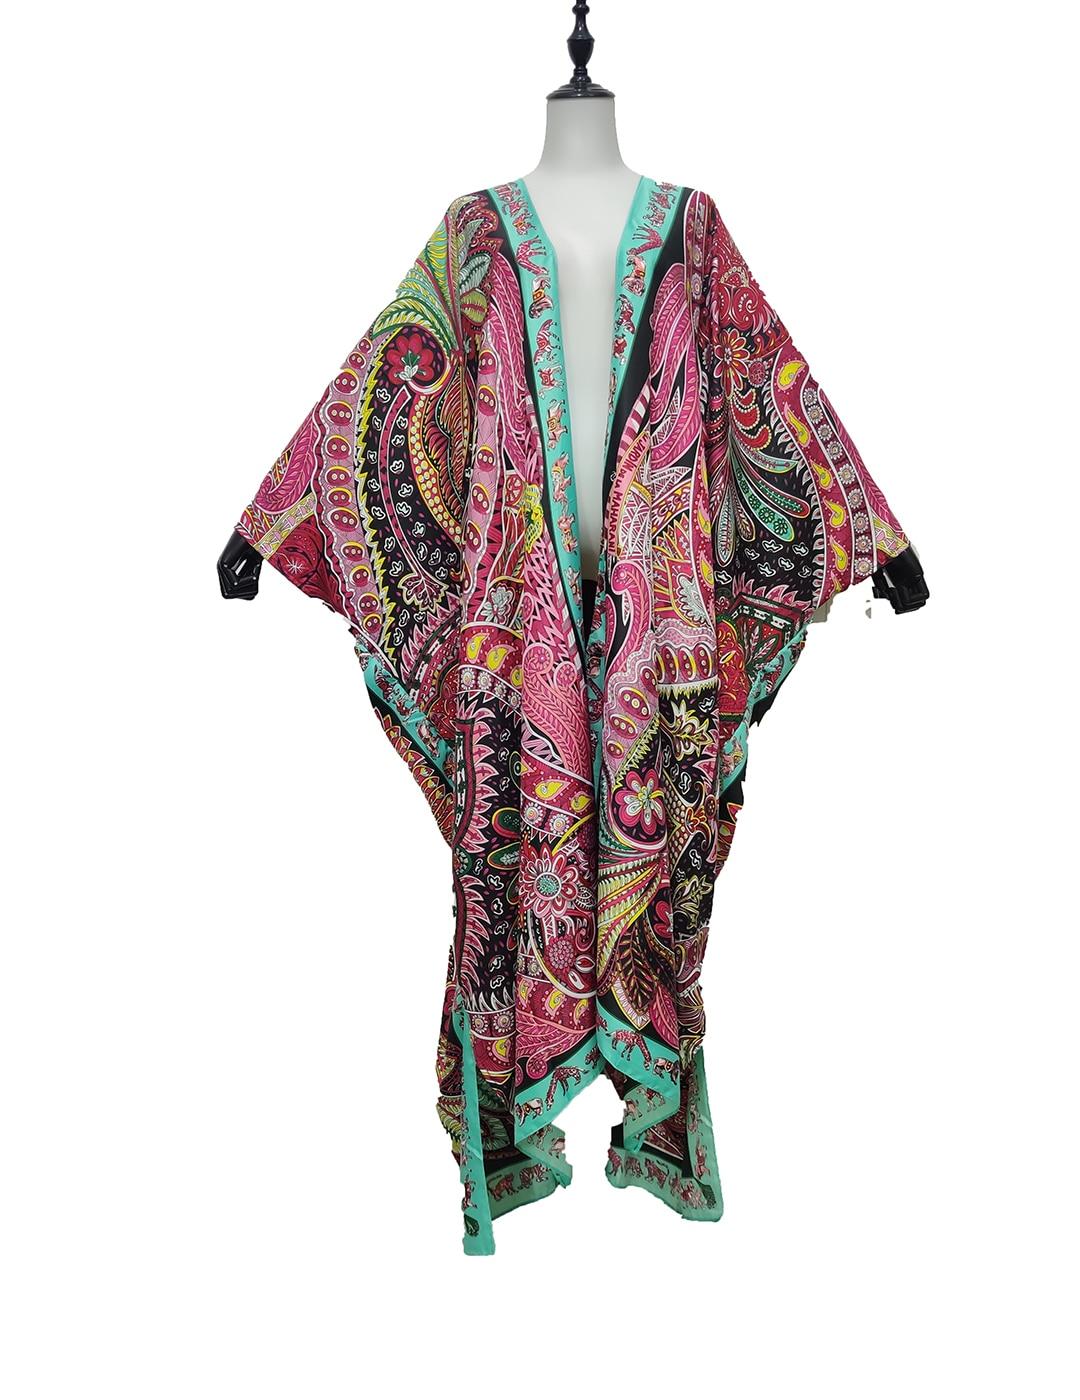 كيمونو نسائي ، ملابس بحر أوروبية شهيرة ، حرير ، قفطان ، مقاس حر ، مفتوح ، جودة بوهيمية ، معطف عطلة جاف ، صيف 2021